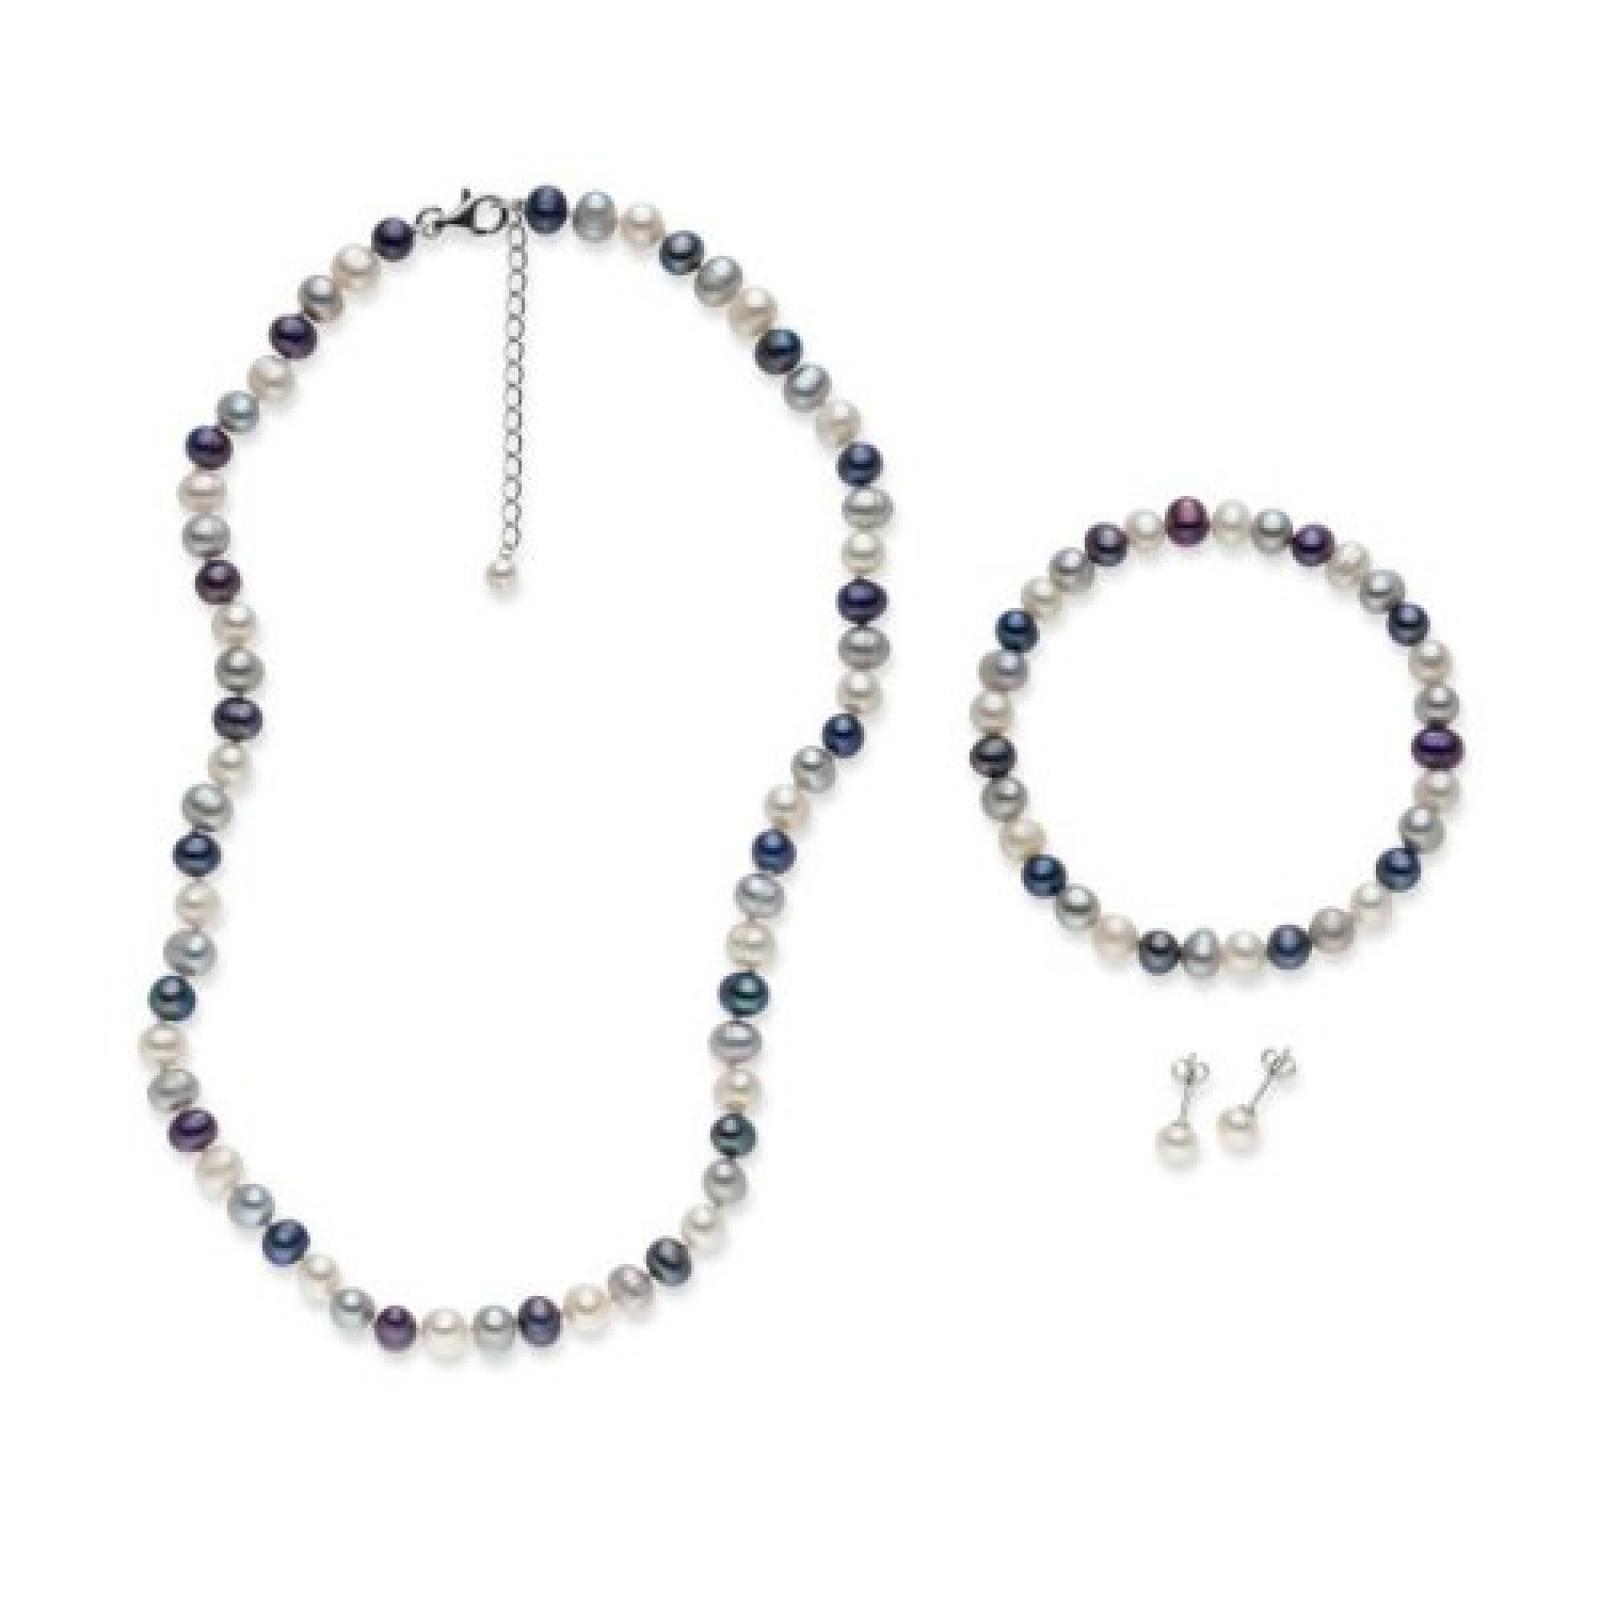 Valero Pearls 3er Set Süßwasserzuchtperlen weiß silber Kette Armband Ohrstecker Sterling Silber 925 60201781